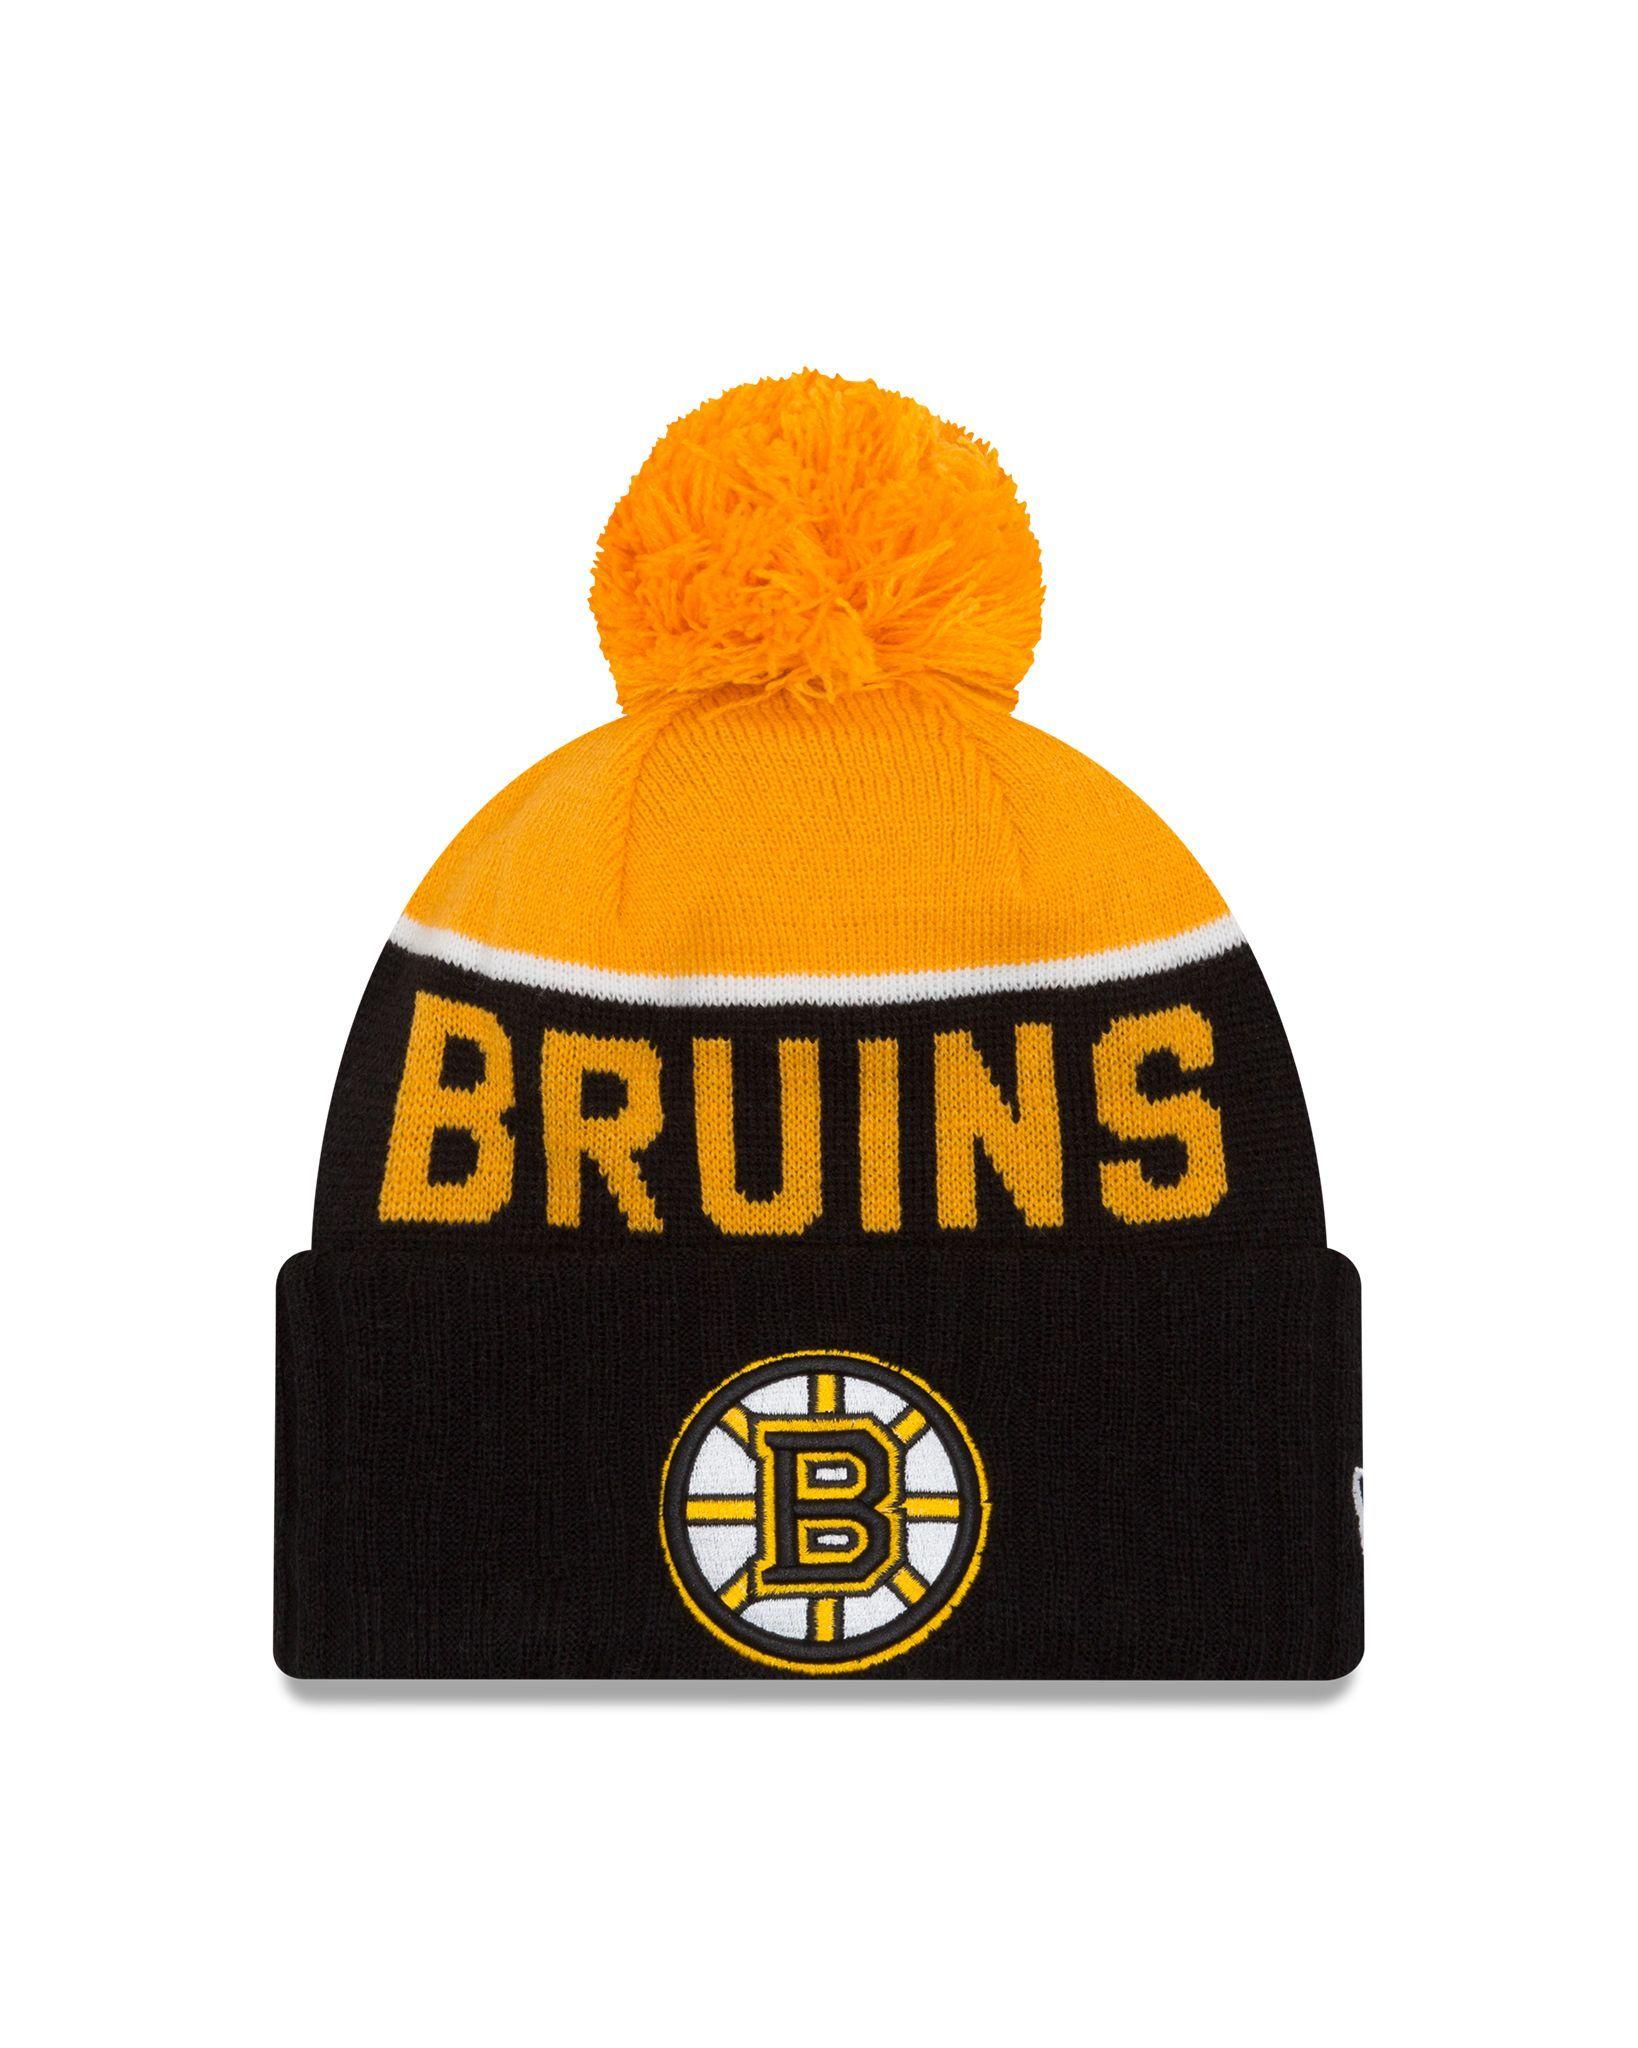 d8b5050c1ffb3 ... clearance boston bruins new era 2016 nhl sport knit hat 197a9 254ba